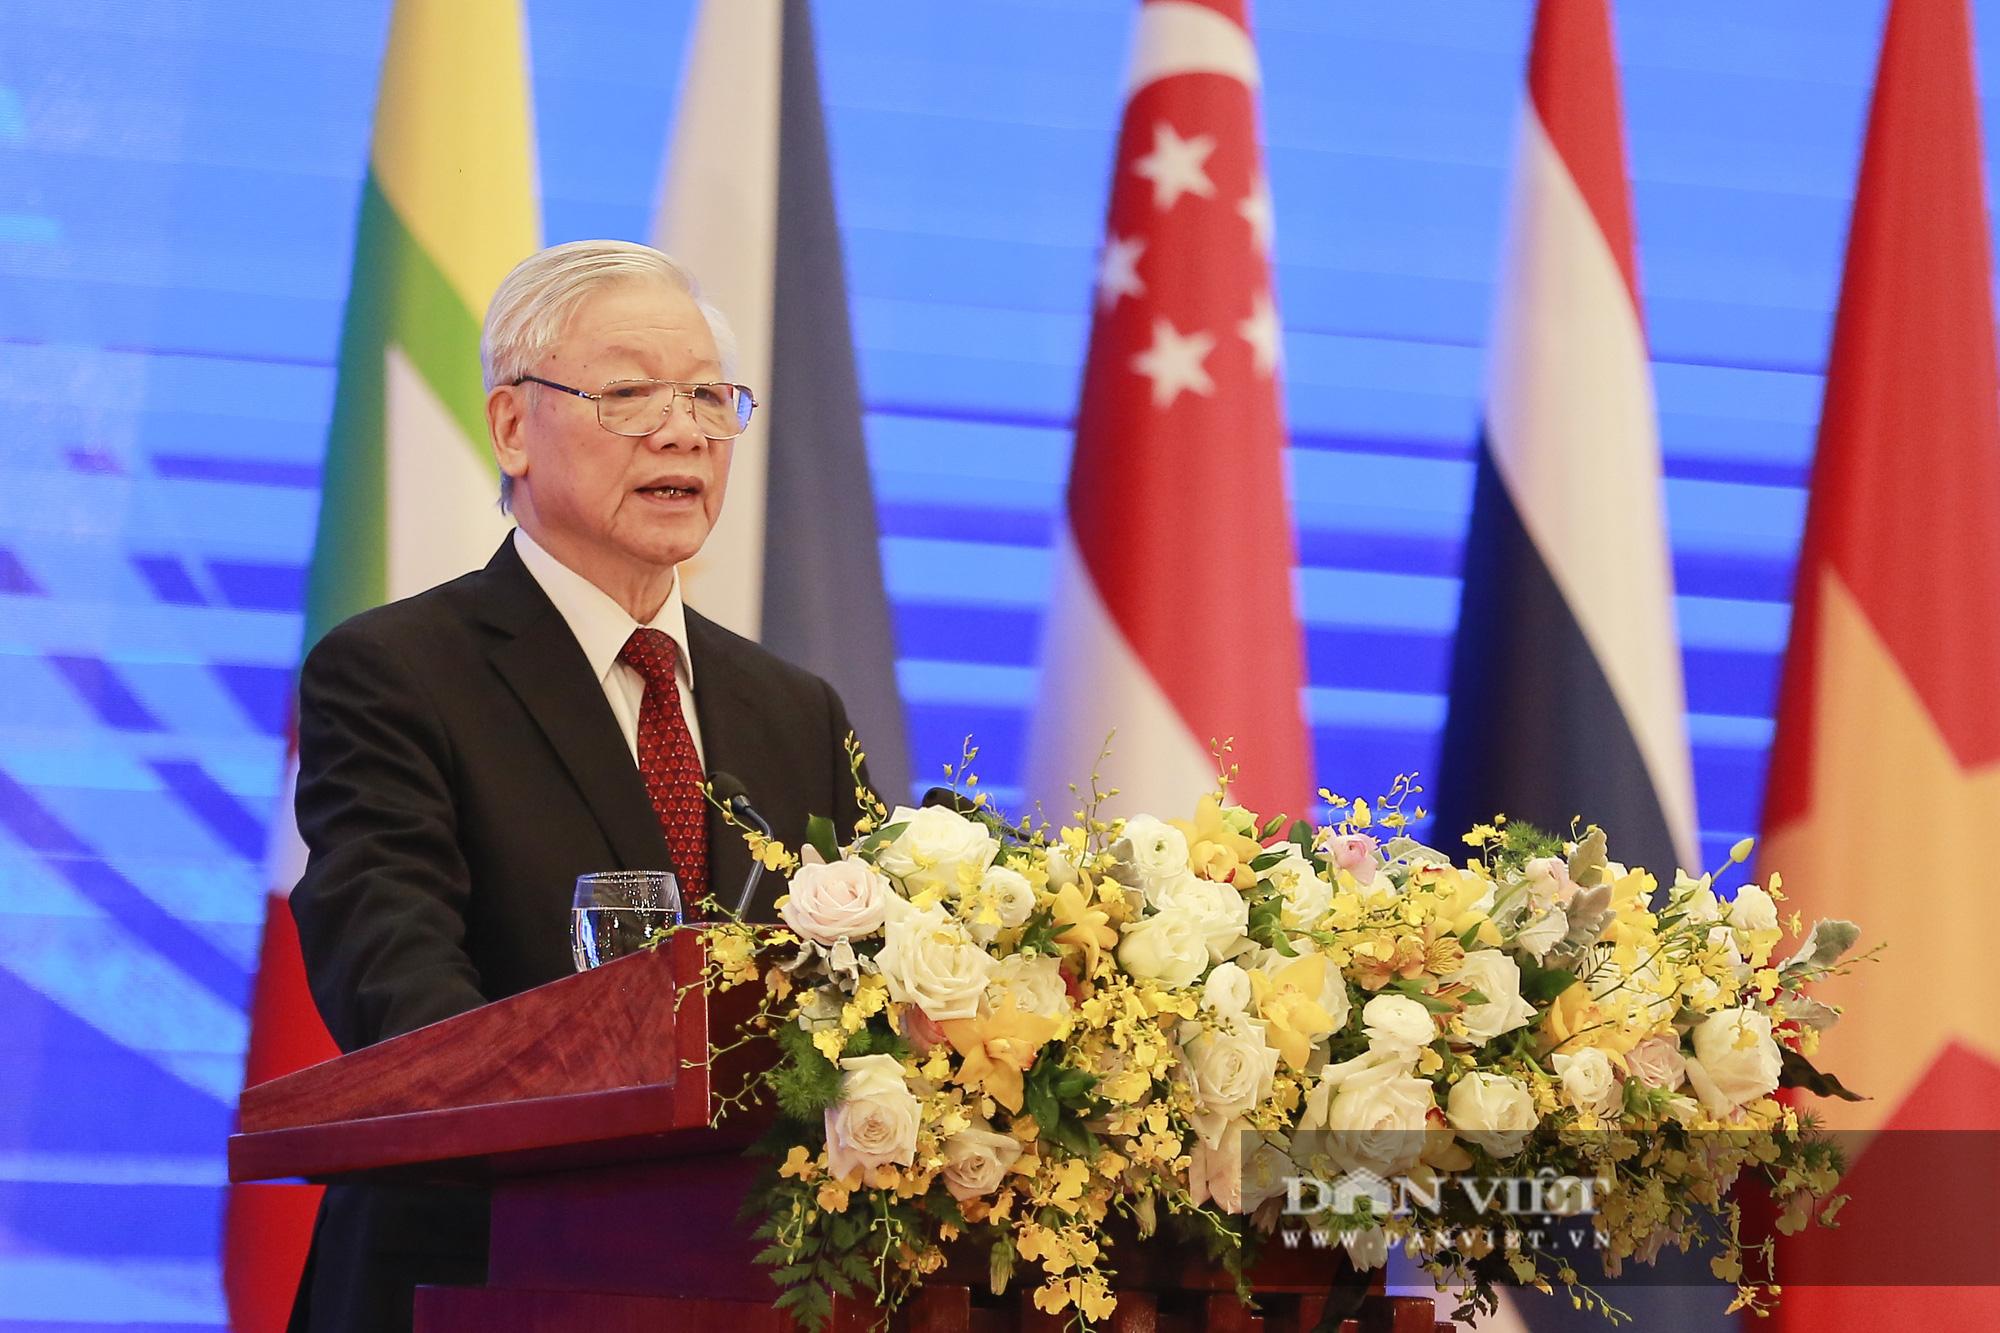 Toàn cảnh Khai mạc Hội nghị Cấp cao ASEAN lần thứ 37 - Ảnh 9.